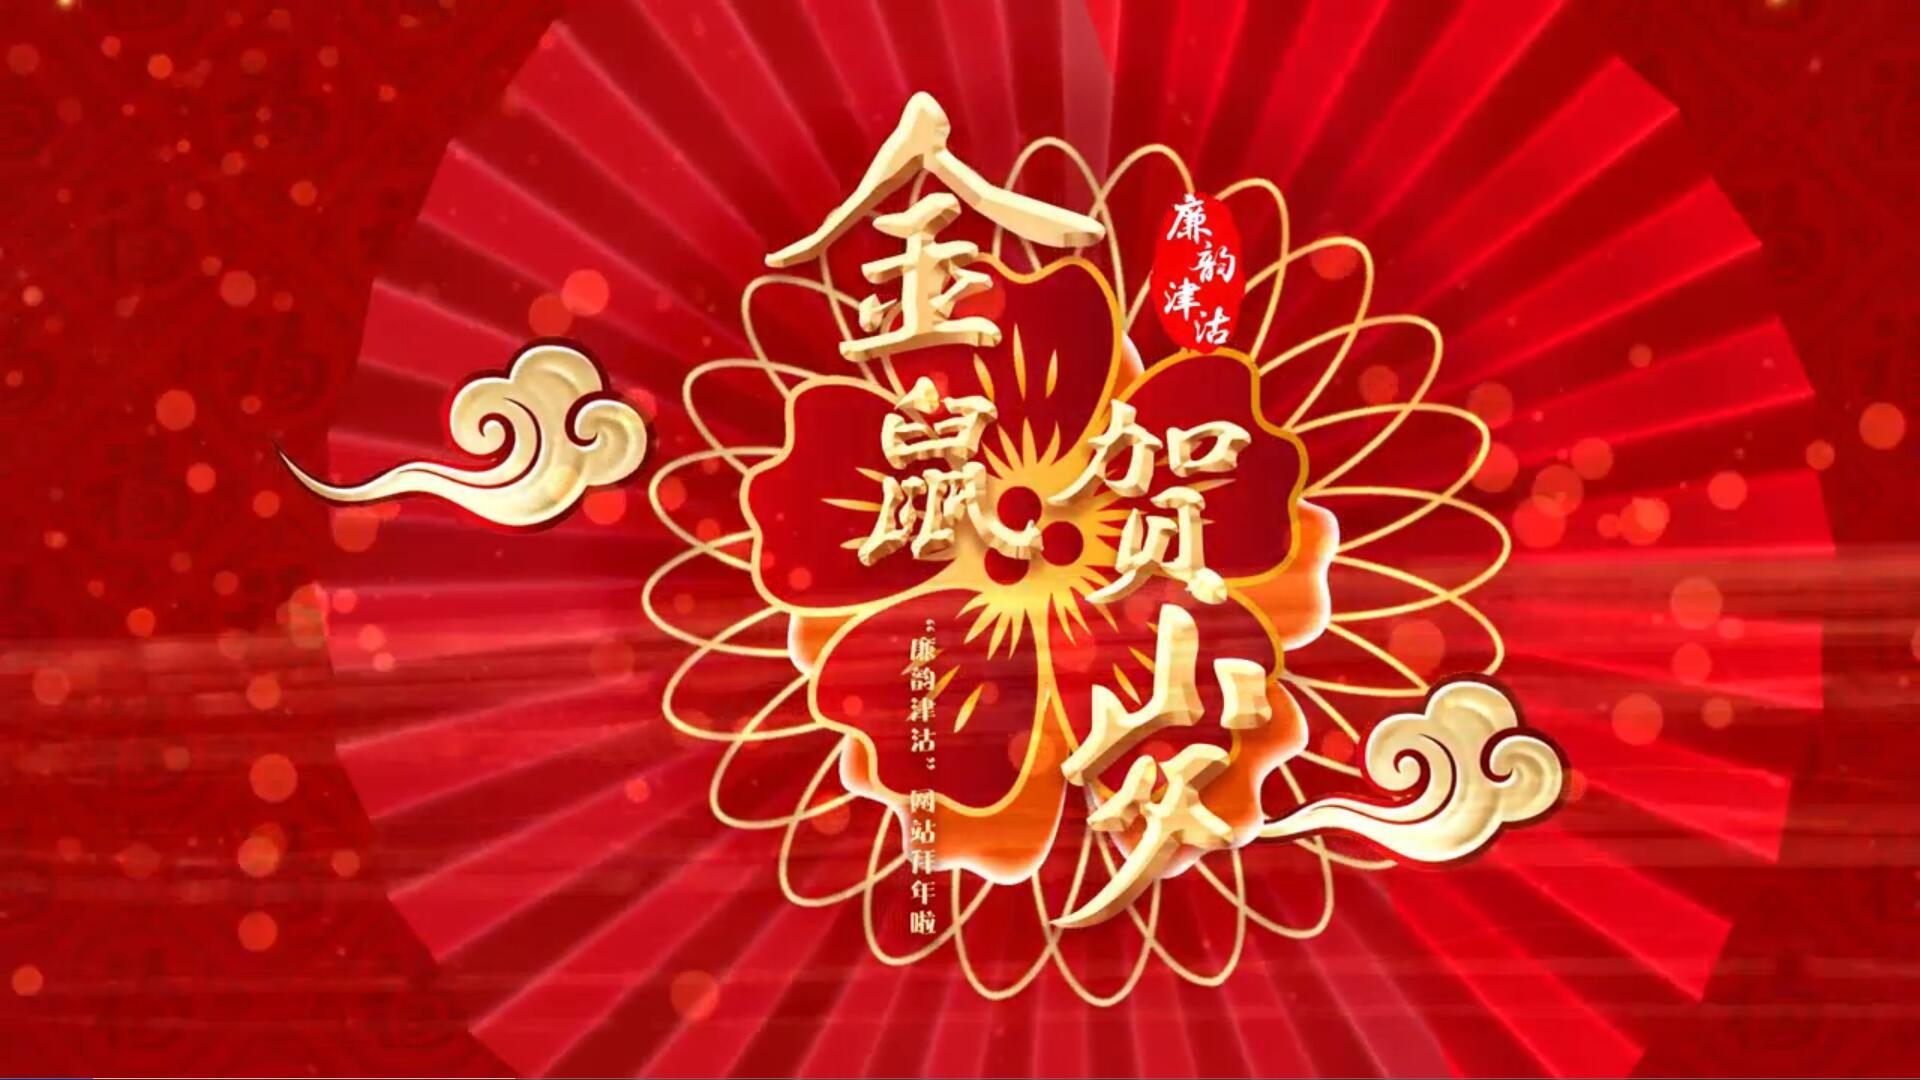 """金鼠賀歲(sui)!""""廉韻津沽(gu)""""網站給您拜(bai)大年(nian)啦(la)"""